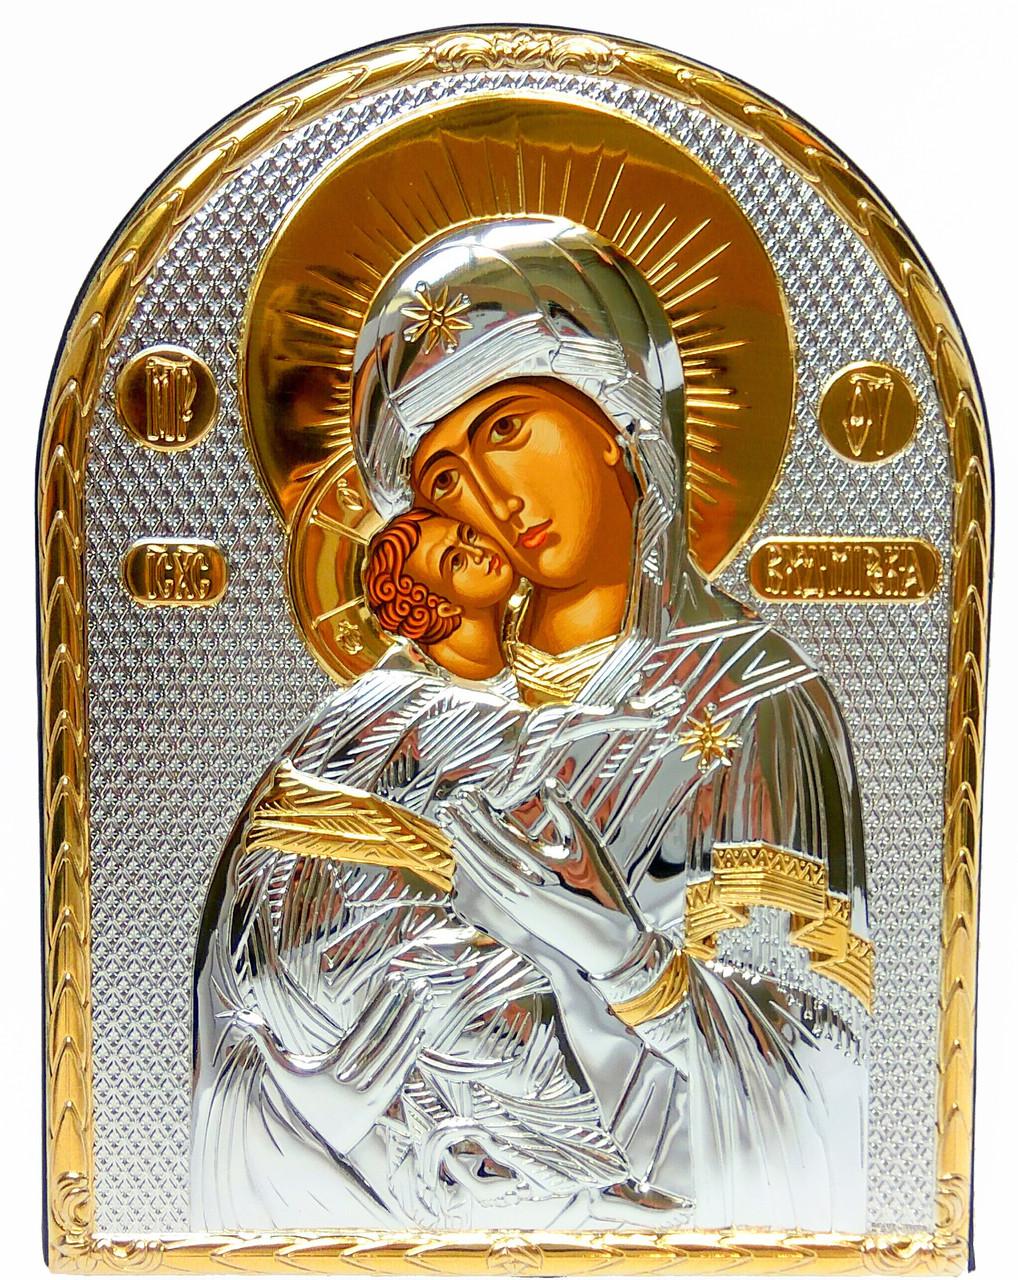 Икона Владимирская Божья Матерь серебряная в кожаной оправе 15,5 x 12 см